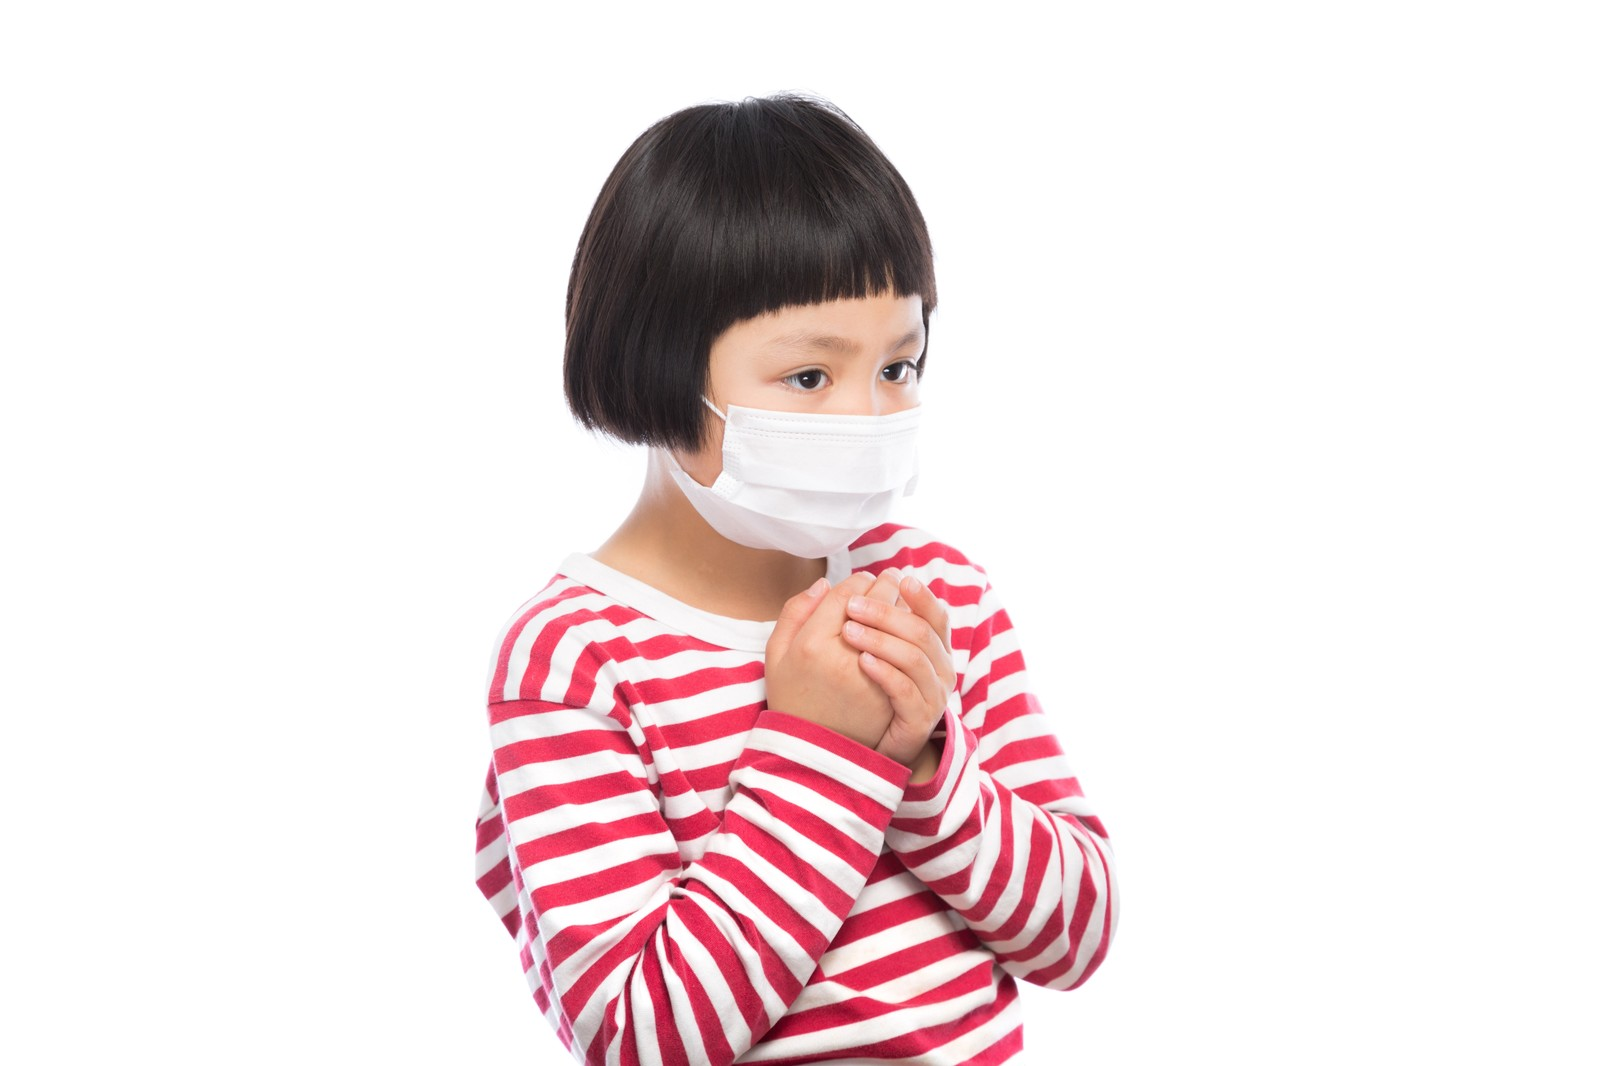 「インフルエンザの予防に余念がない小学生」の写真[モデル:ゆうき]